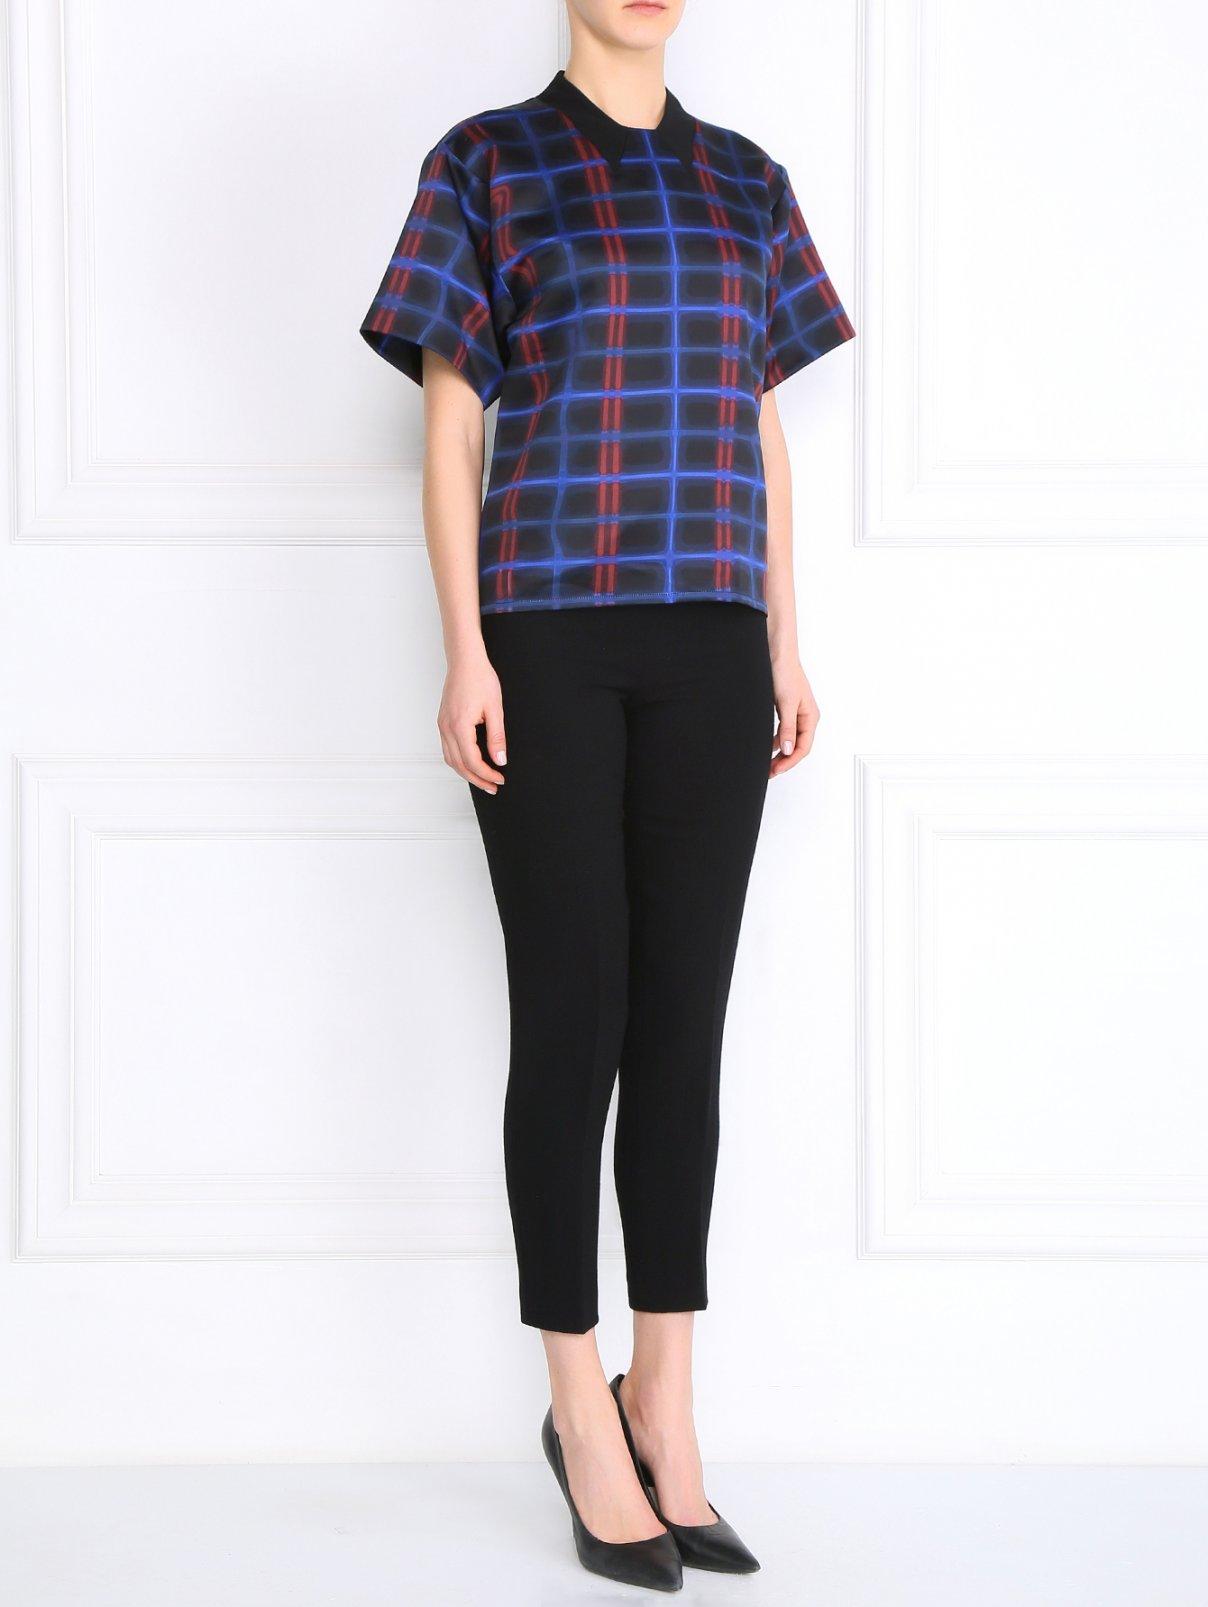 Прямые брюки со стрелкам из шерсти Moschino Cheap&Chic  –  Модель Общий вид